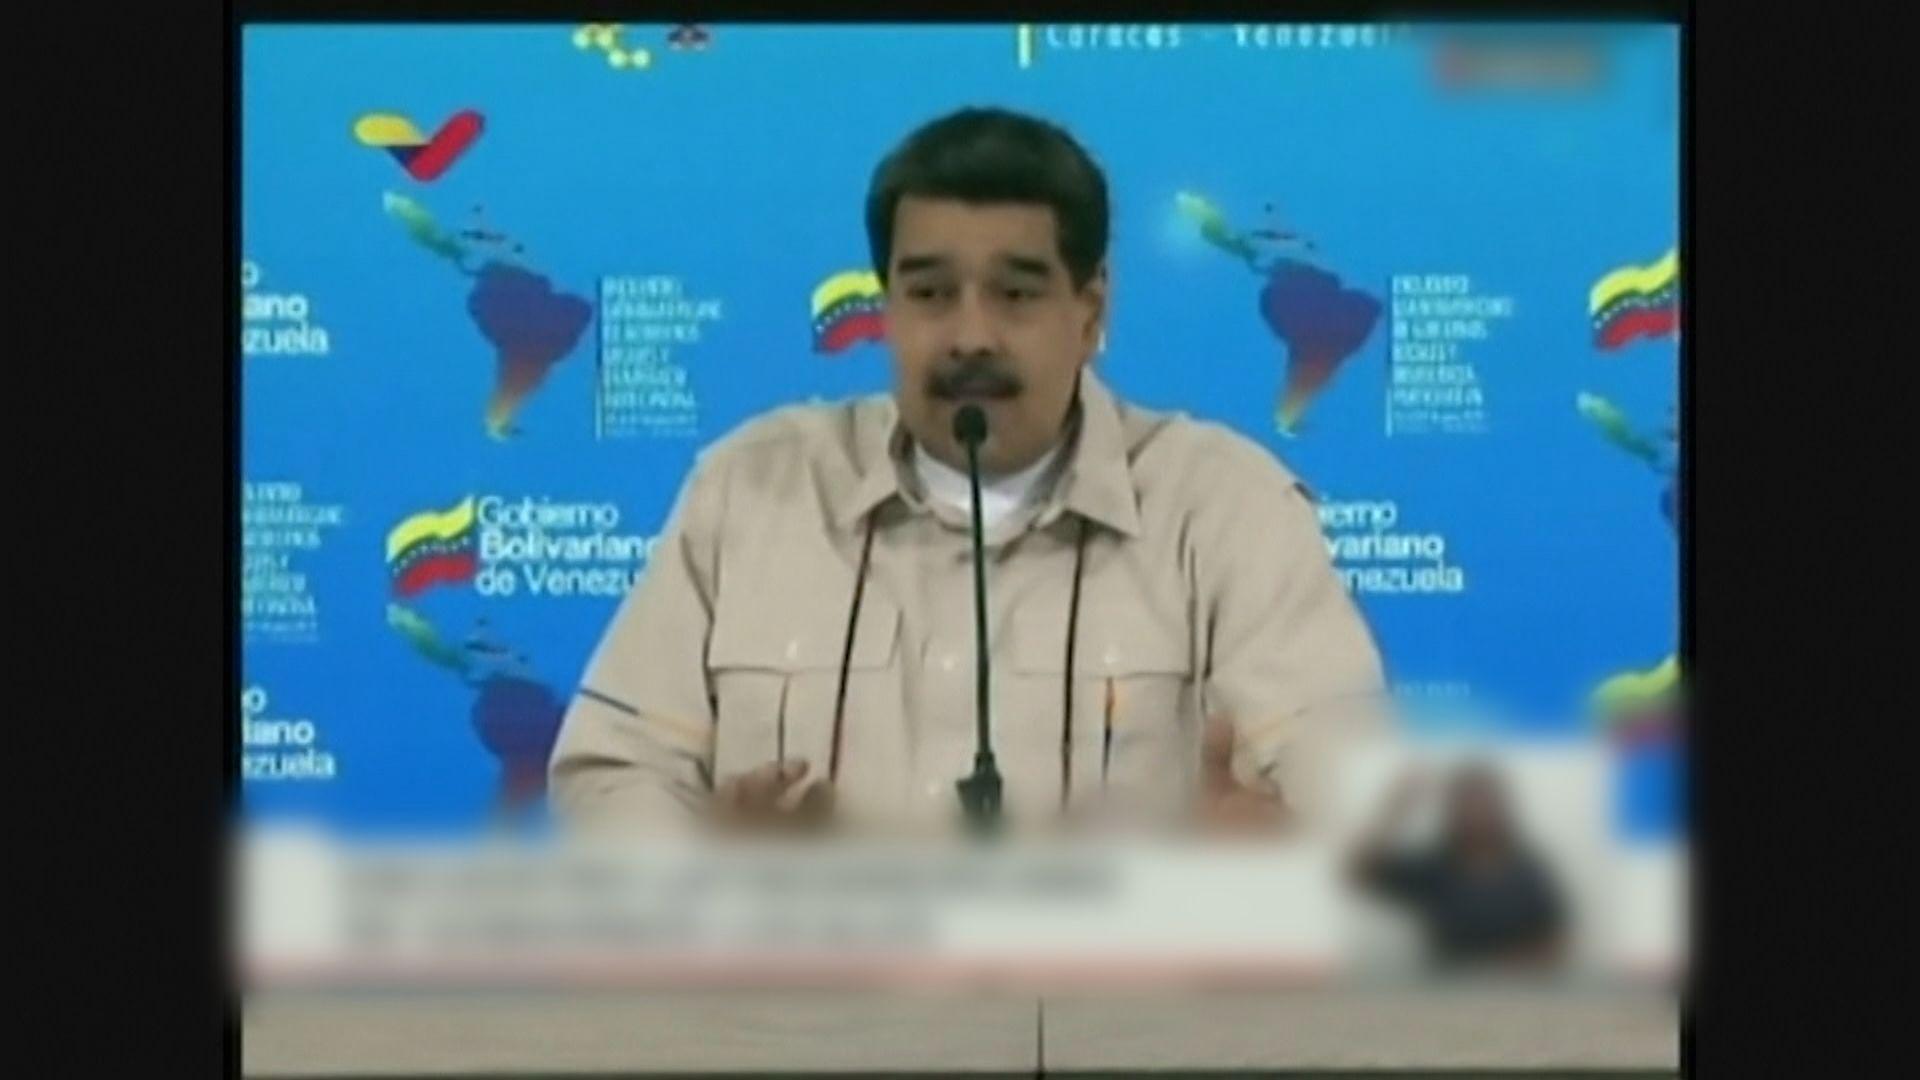 聯合國批委內瑞拉殺害異見人士多達近七千人